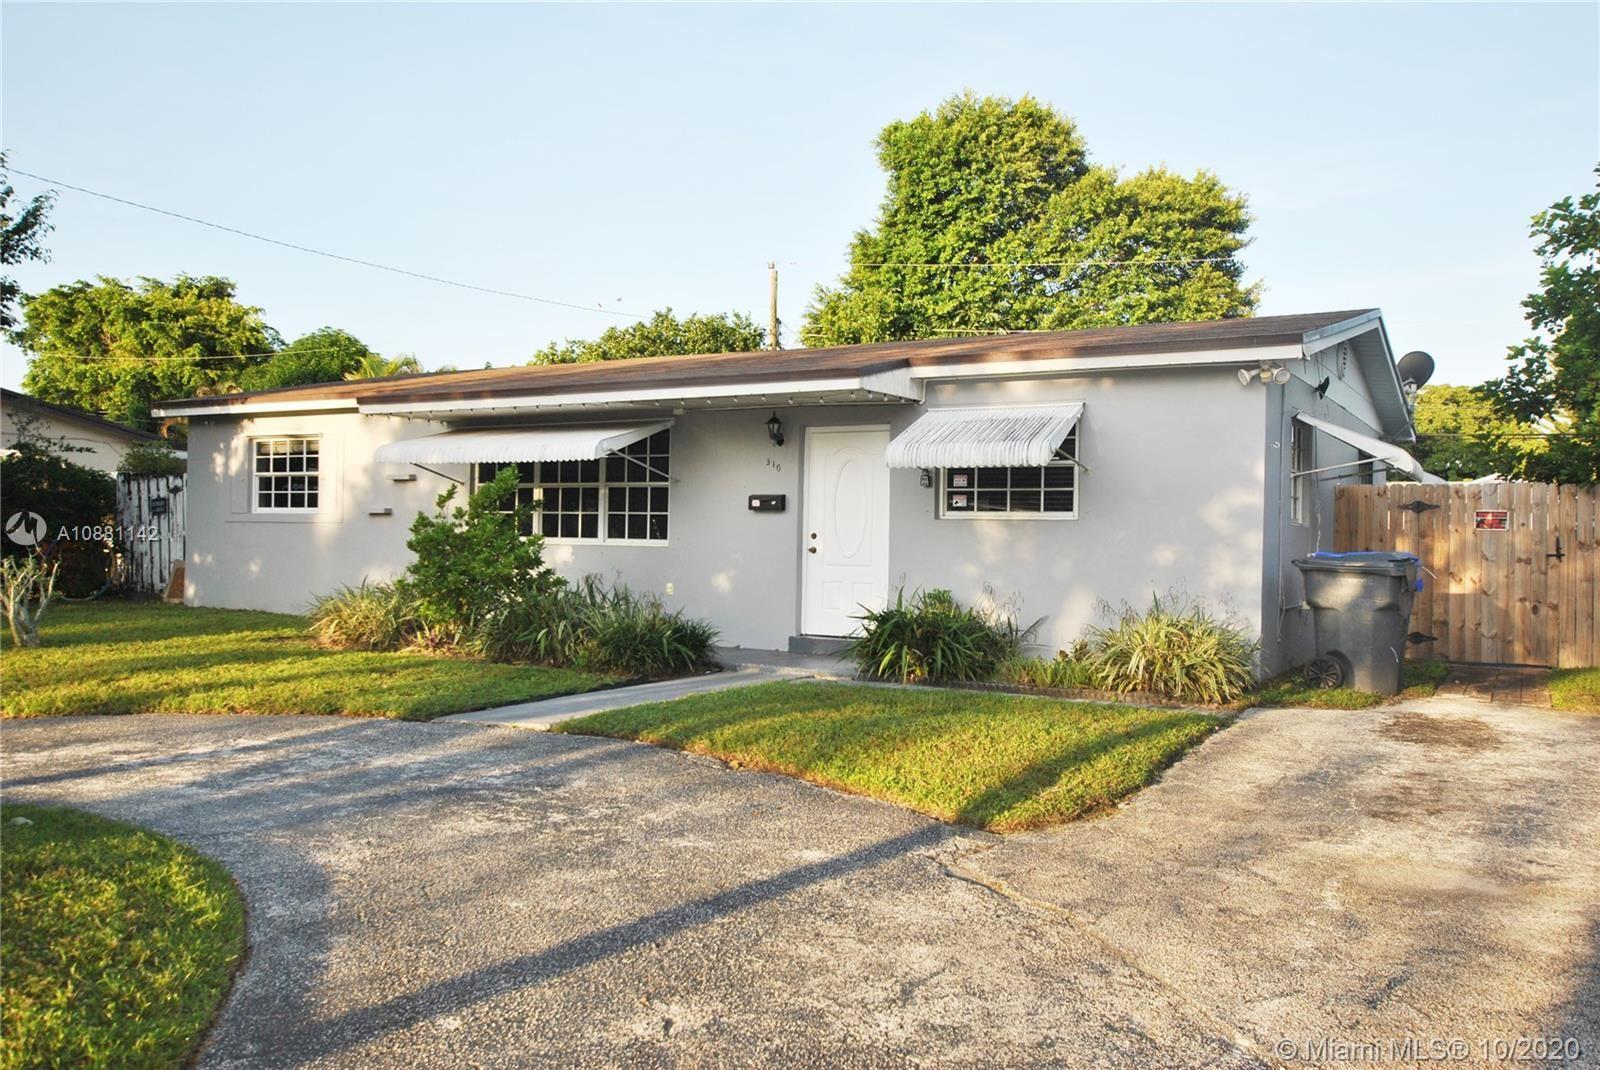 310 N 68th Ter, Hollywood, FL 33024 - #: A10881142